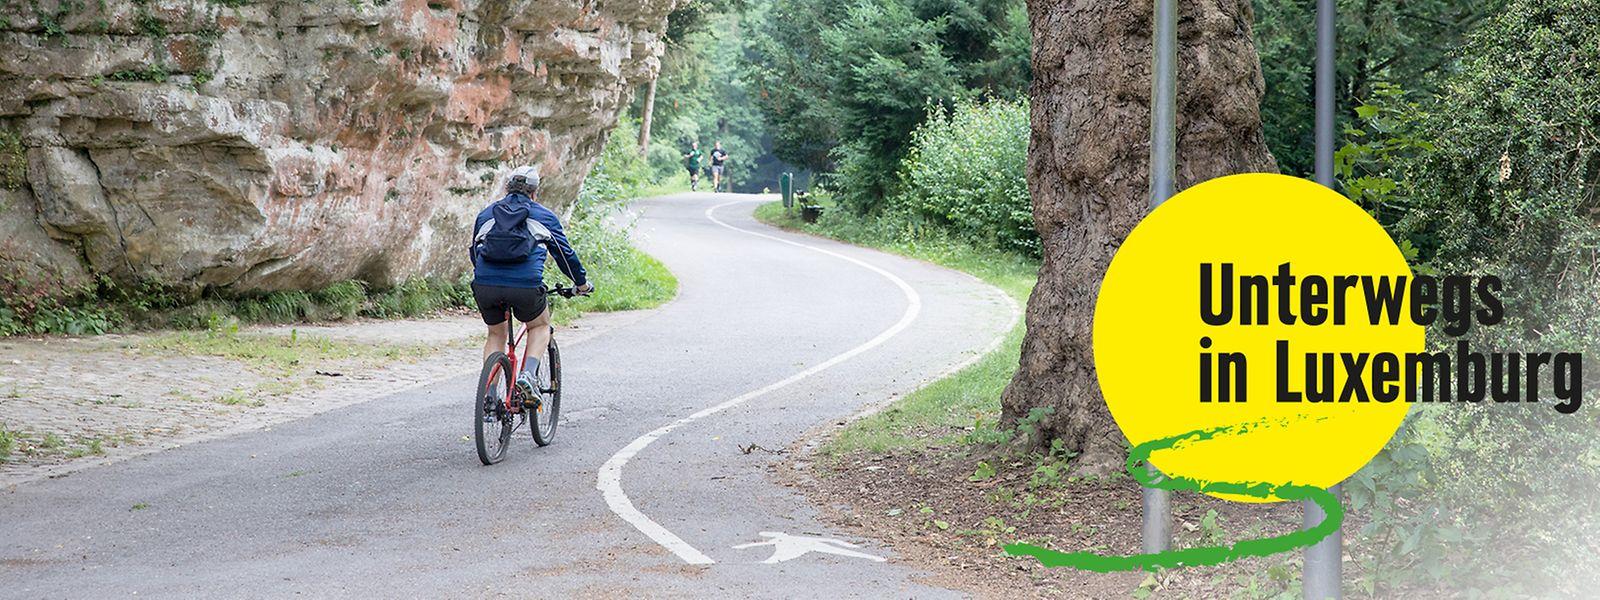 Der Unesco-Fahrradrundweg führt unter anderem durch das Petrusstal. Dort kann man unter anderem die Ruinen der Festung Luxemburg entdecken.